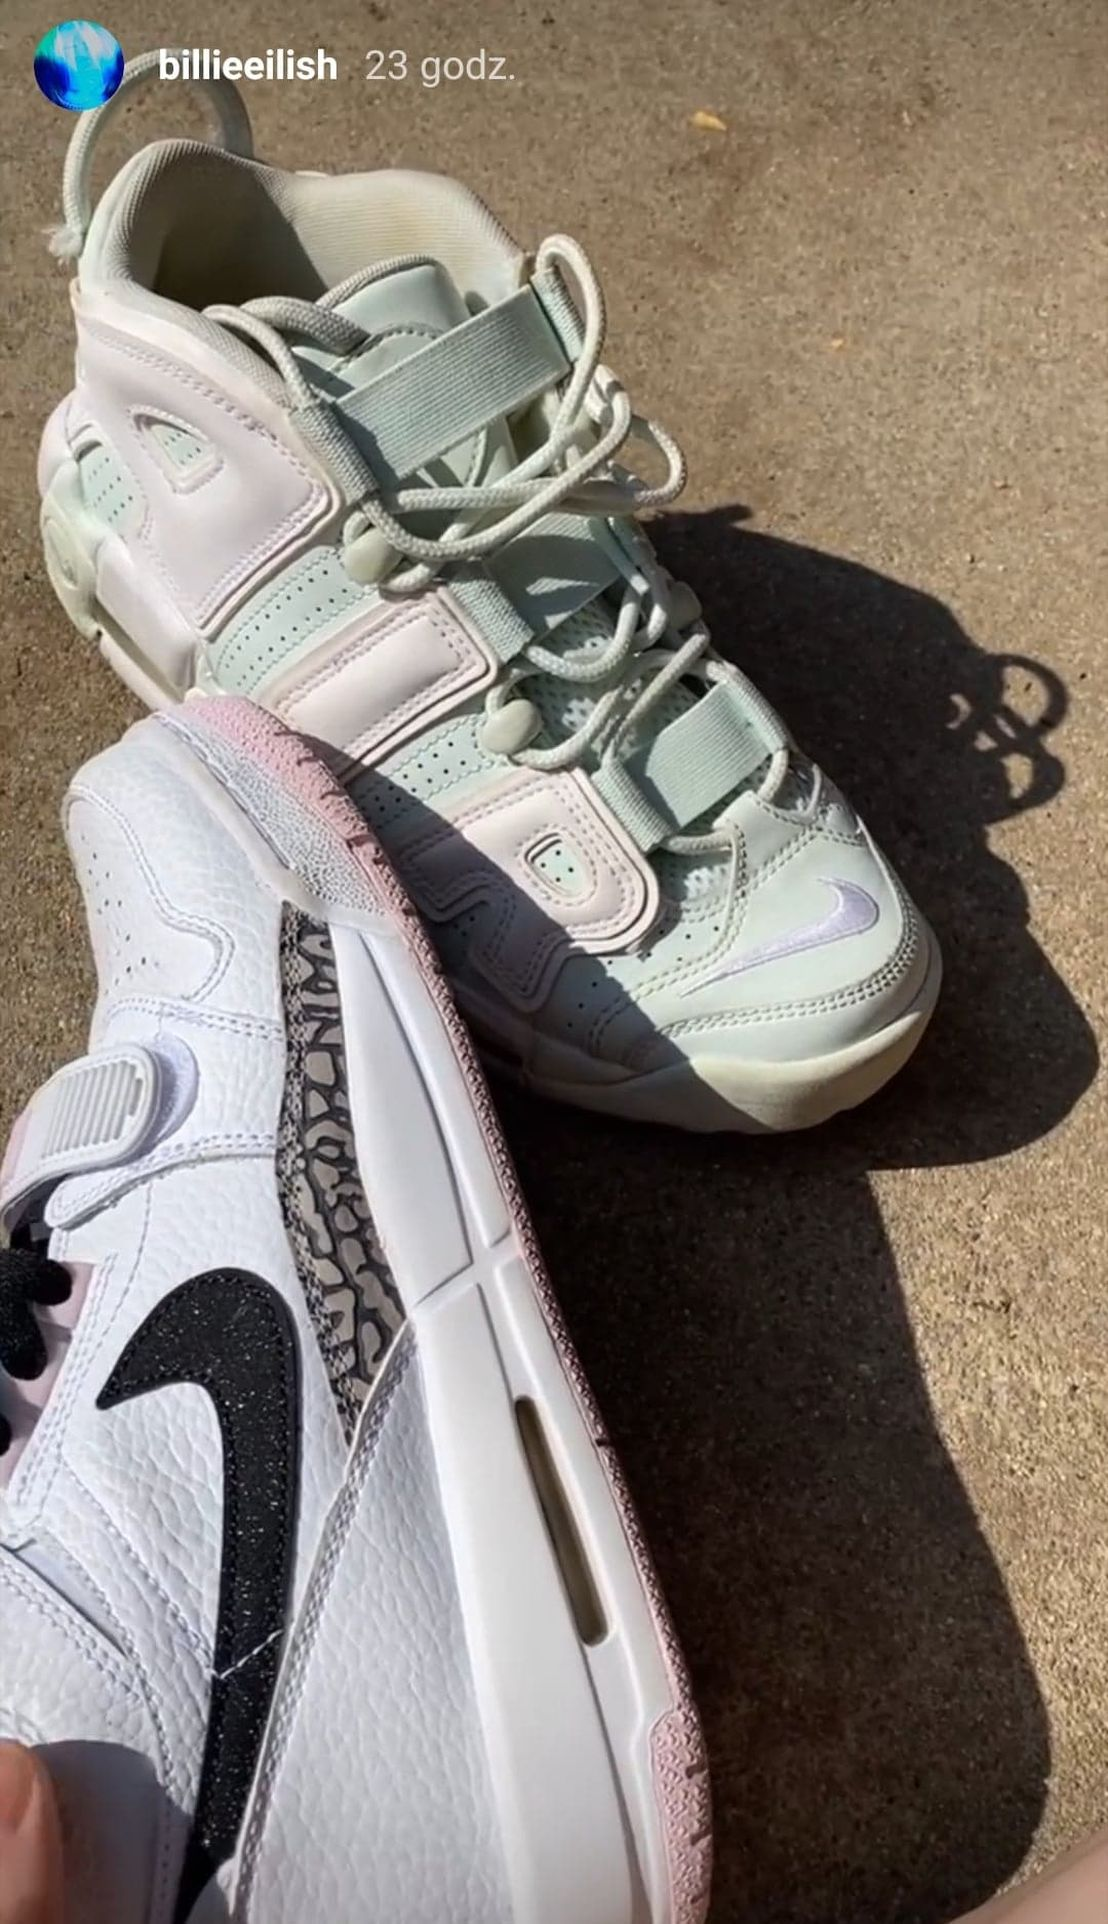 Sportowe buty Billie Eilish